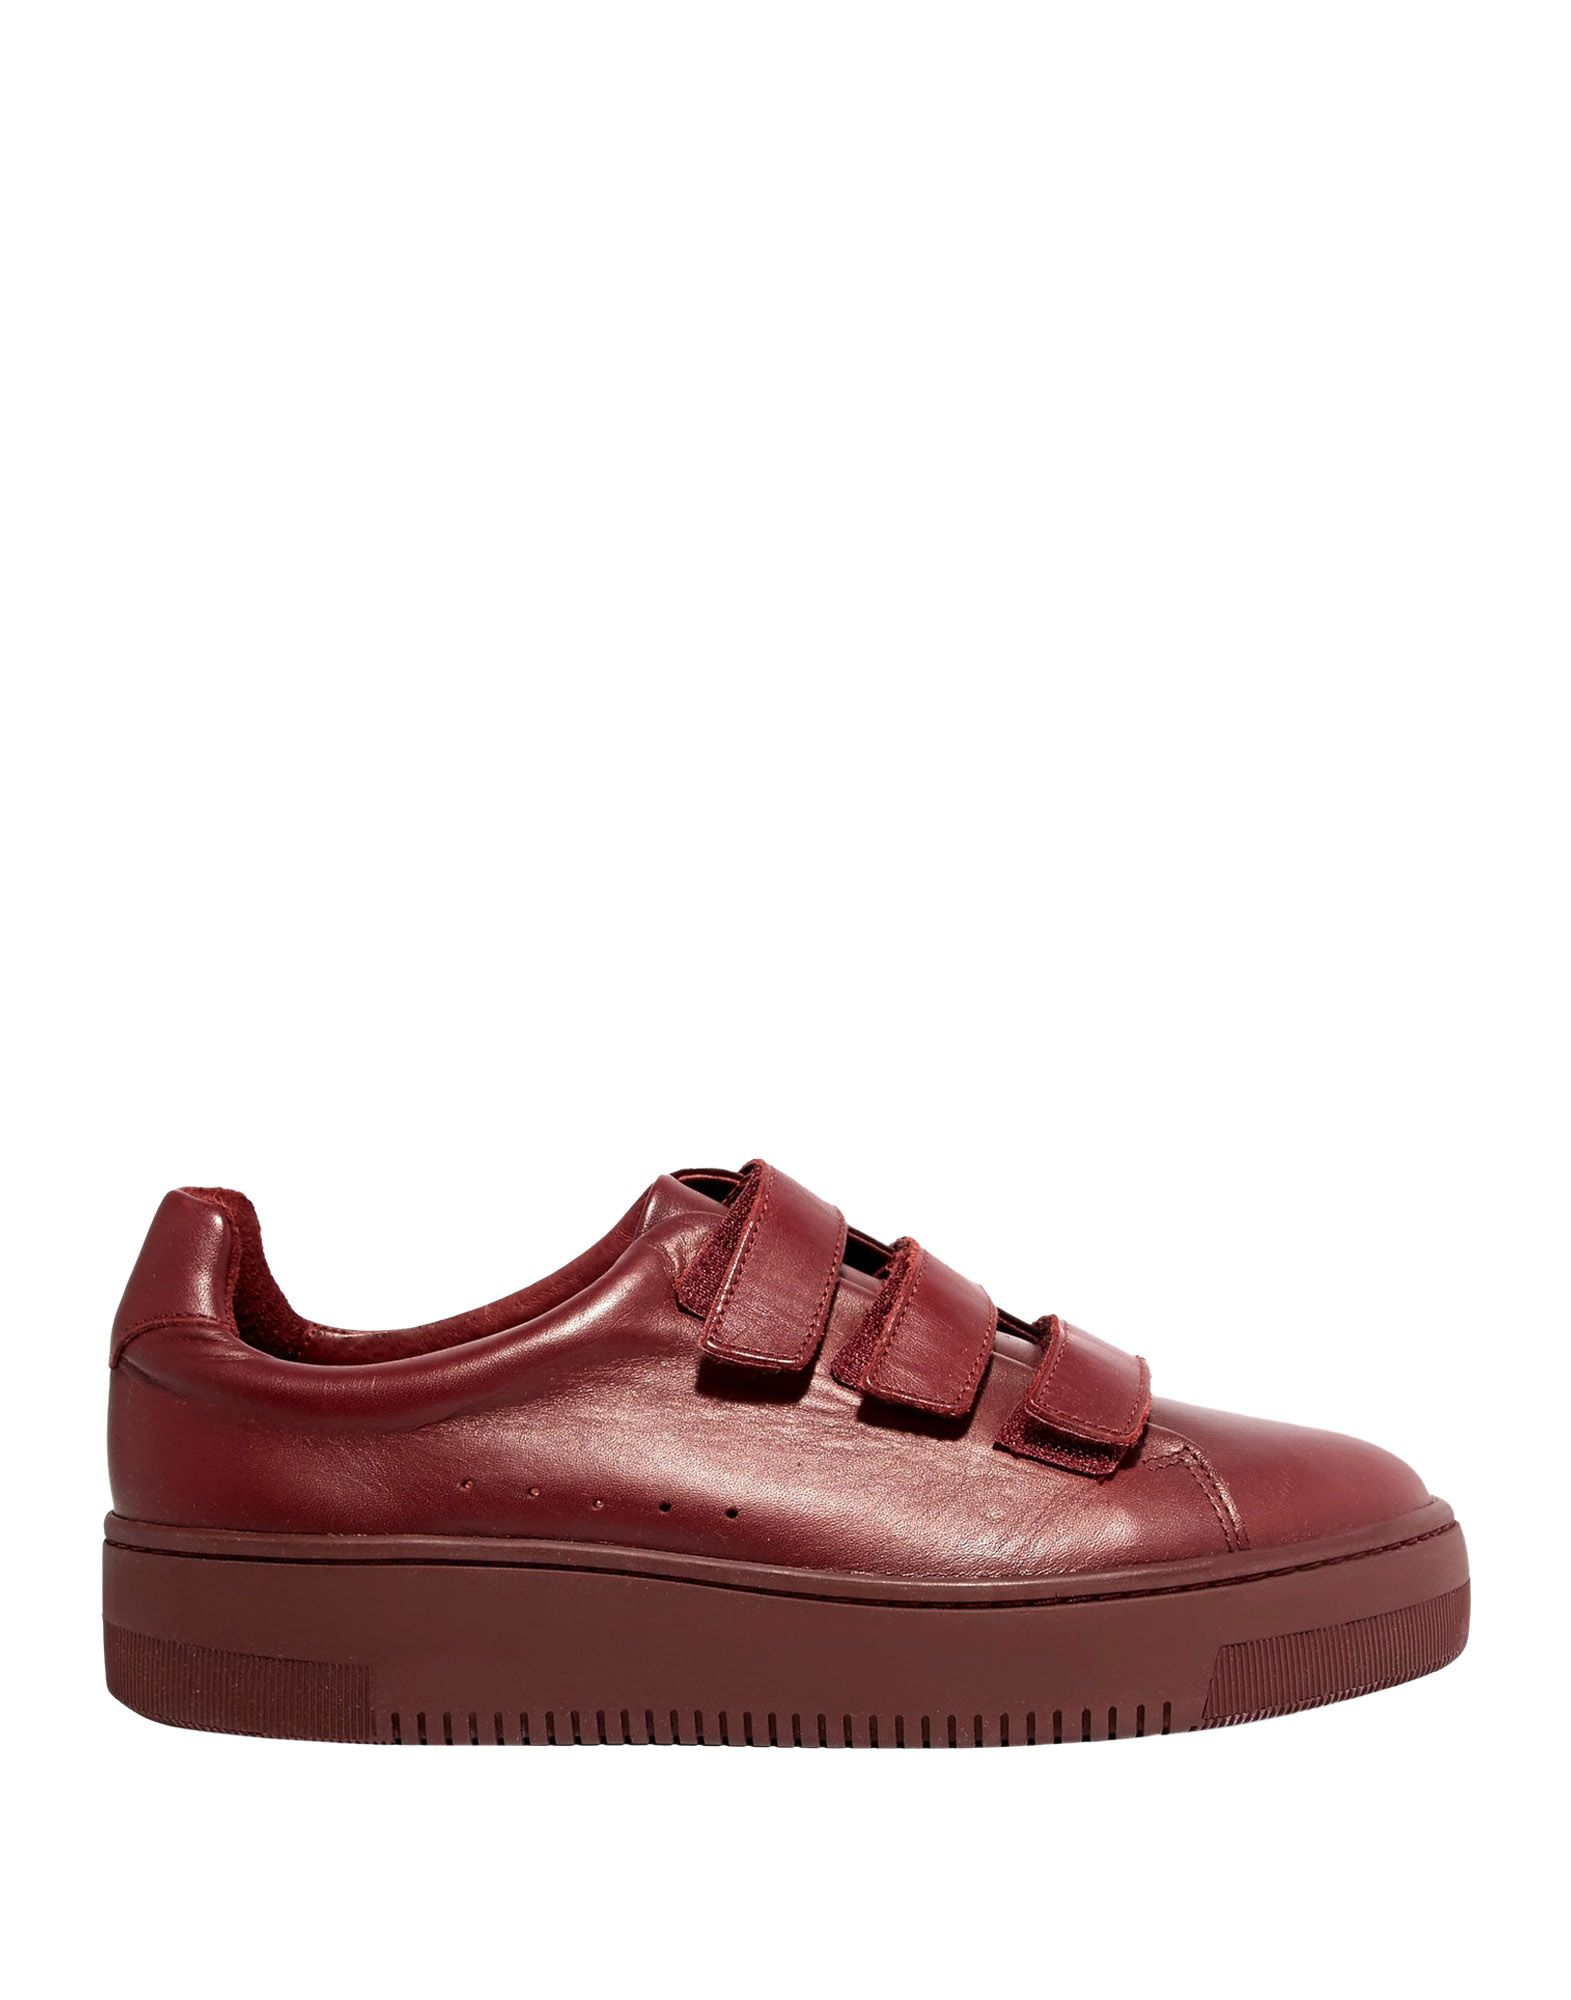 Scarpe economiche e resistenti Sneakers Sandro Donna - 11531432QN